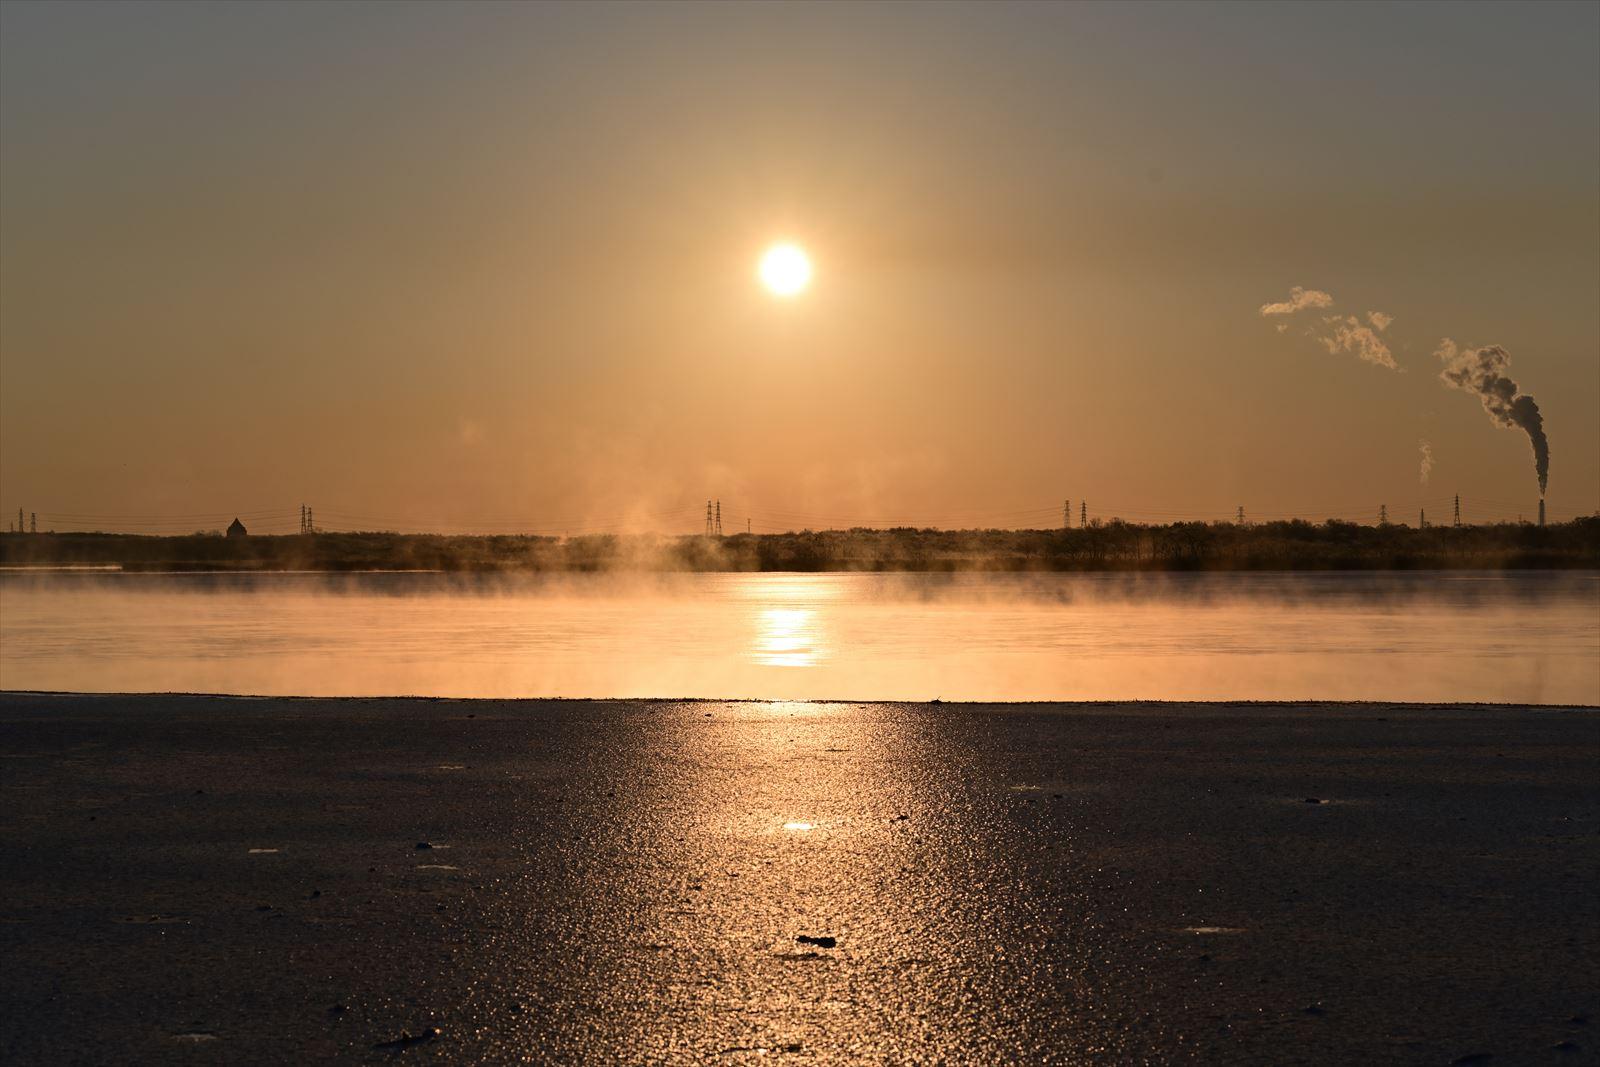 ウトナイ湖の気嵐_a0145819_13542895.jpg